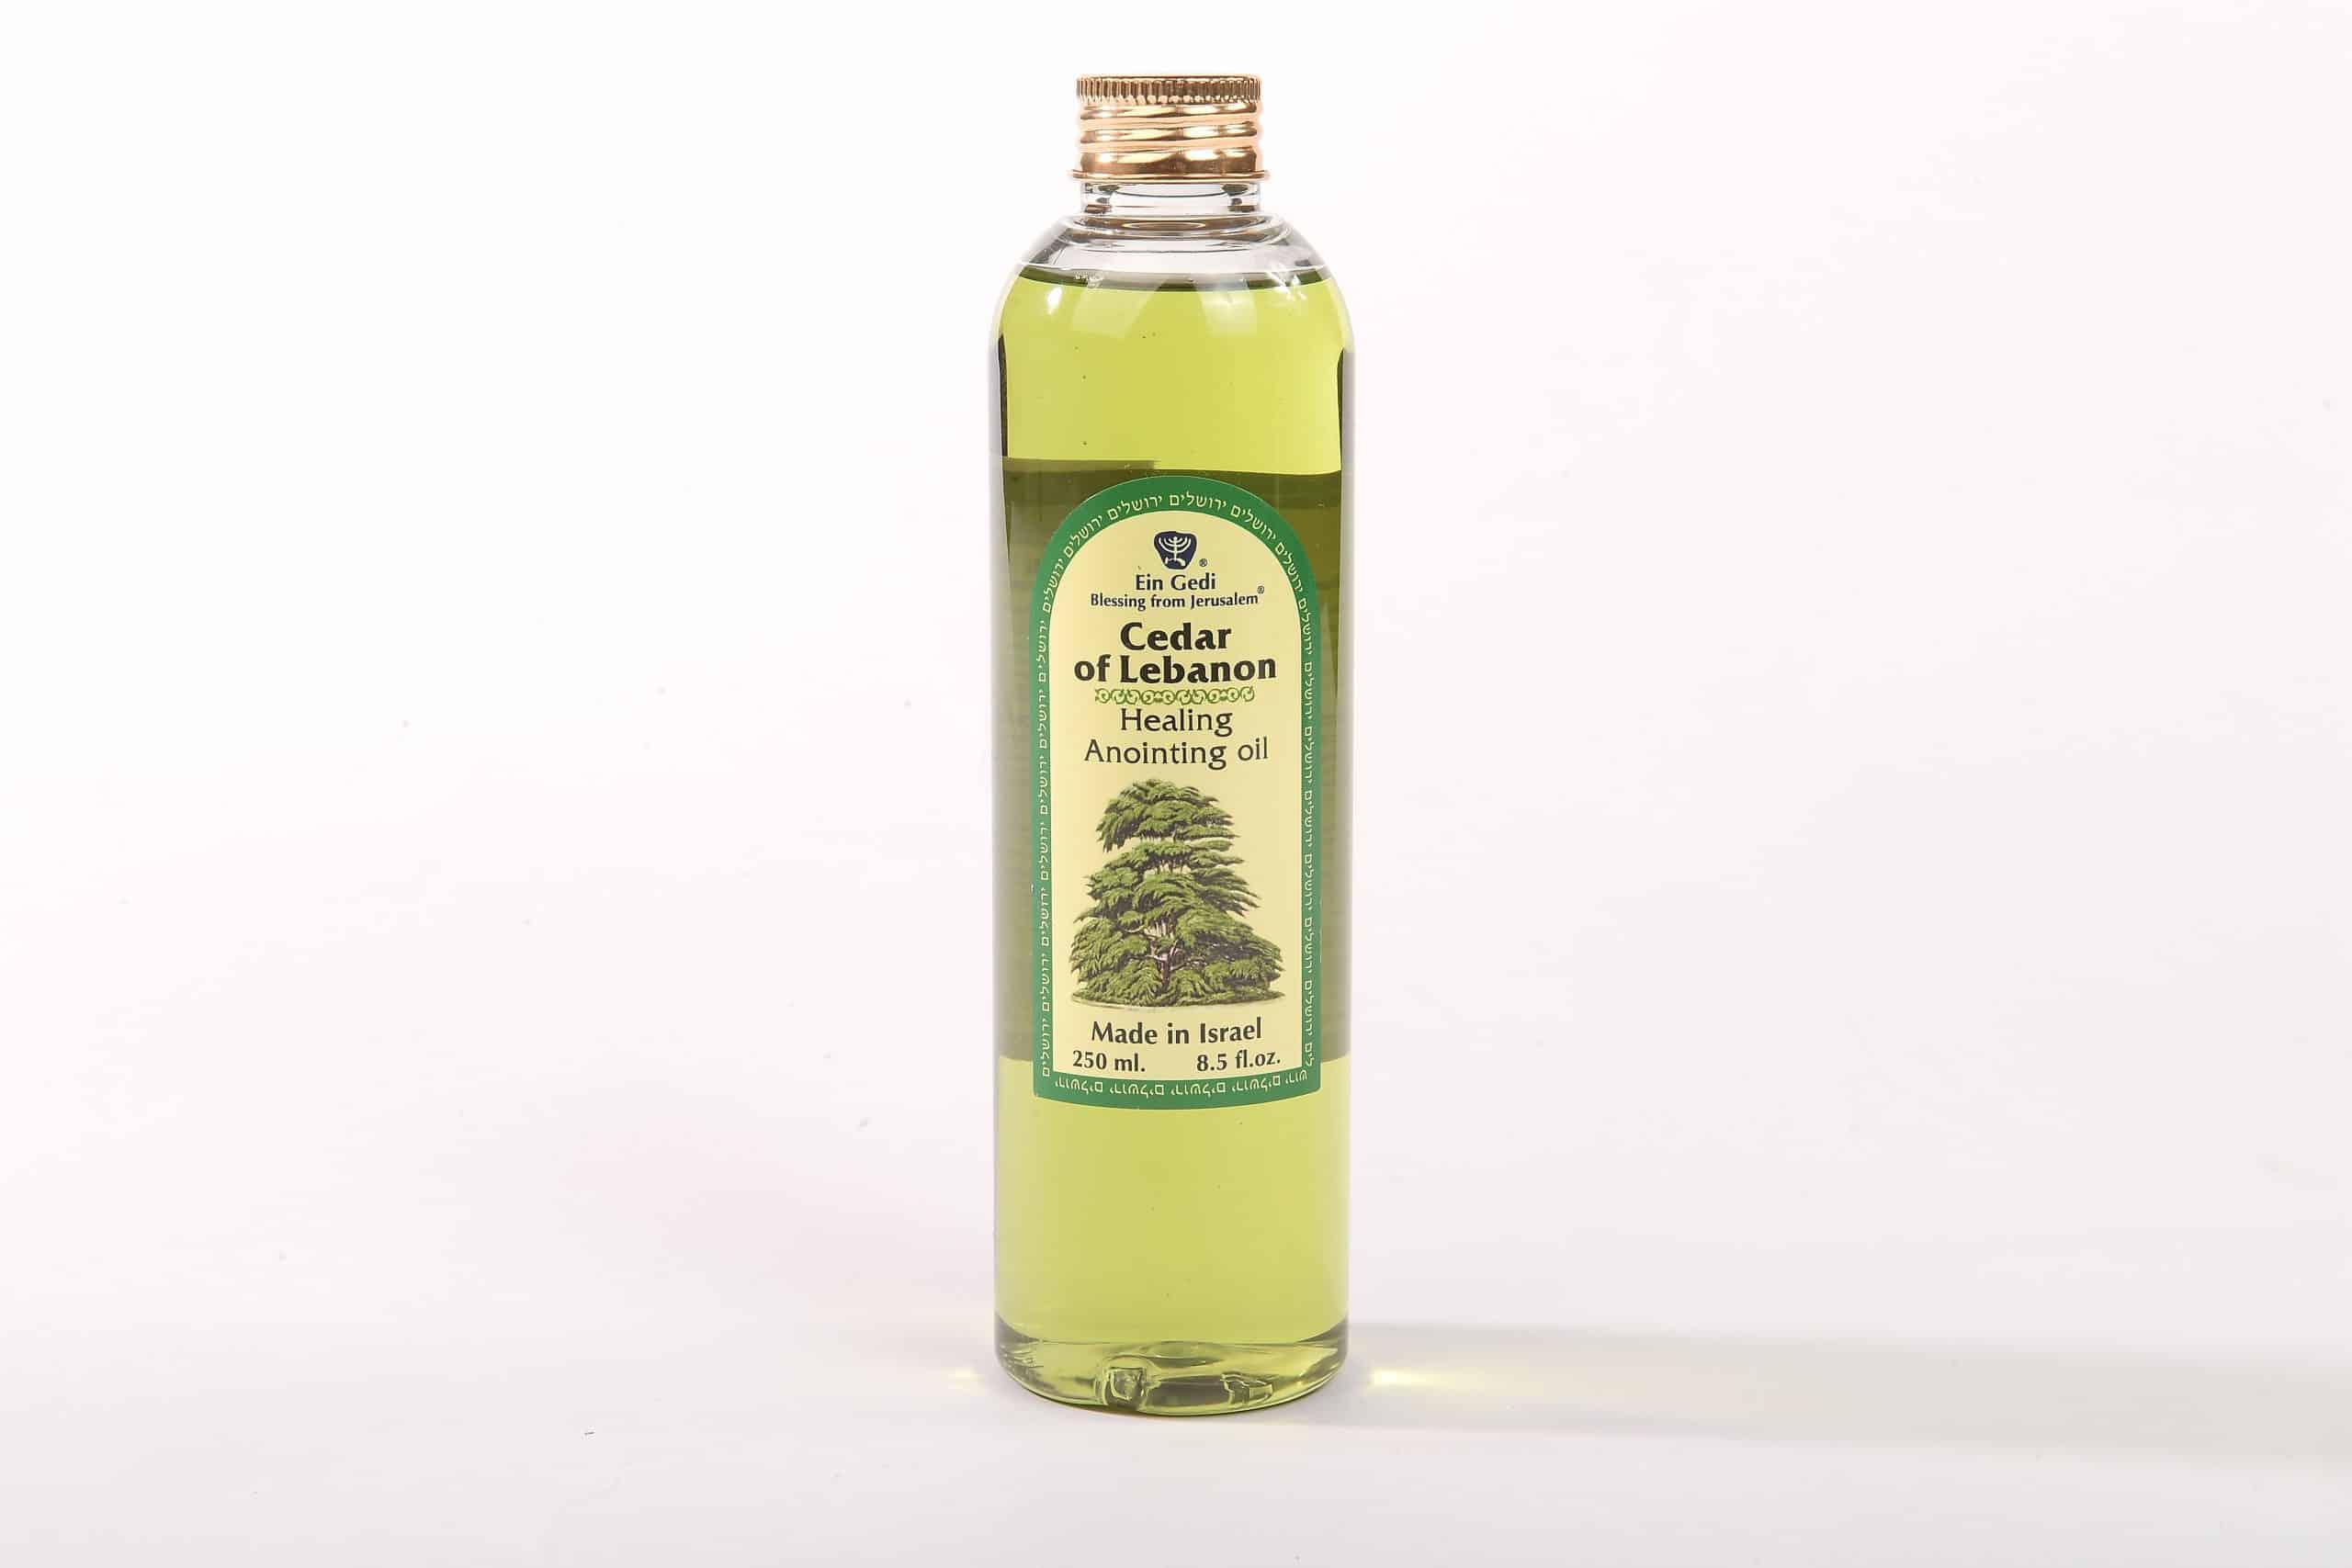 Aceite de unción de cedro del Líbano - Sanación - Elaborada en Israel - 250 ml